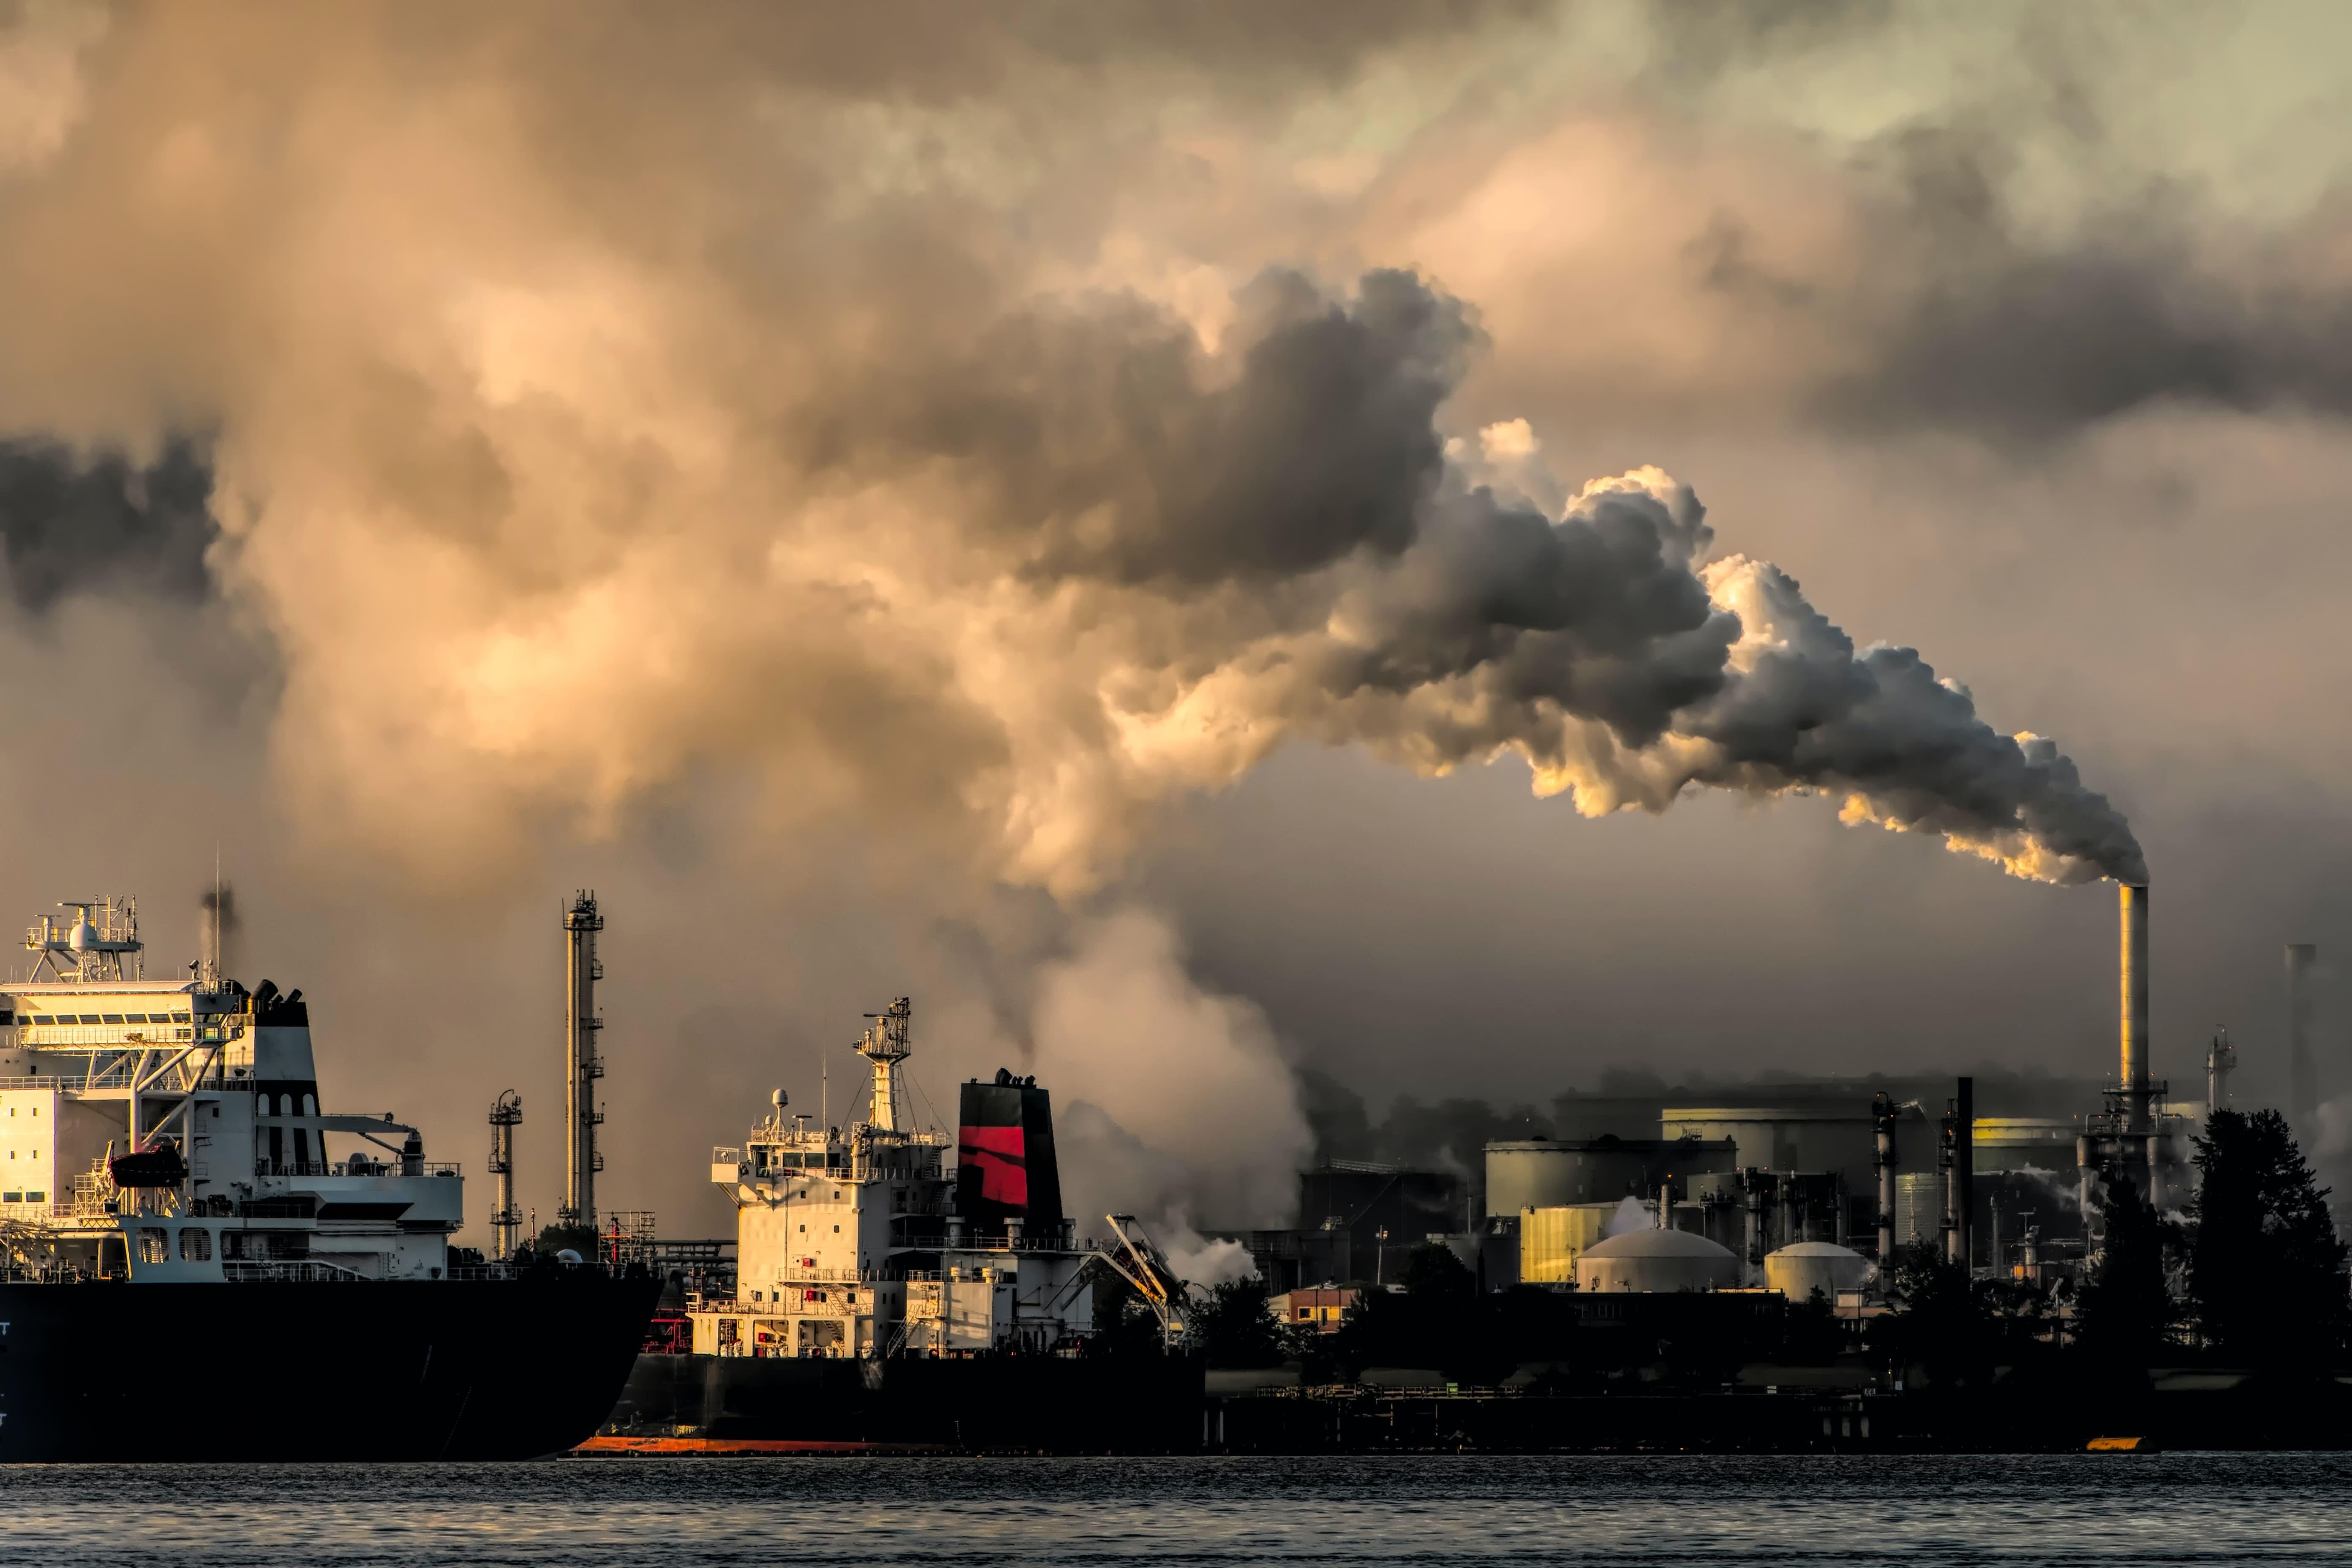 Exploitation de l'industrie pétrolière en train d'extraire des ressources avec de gros nuages polluants au dessus d'eux.